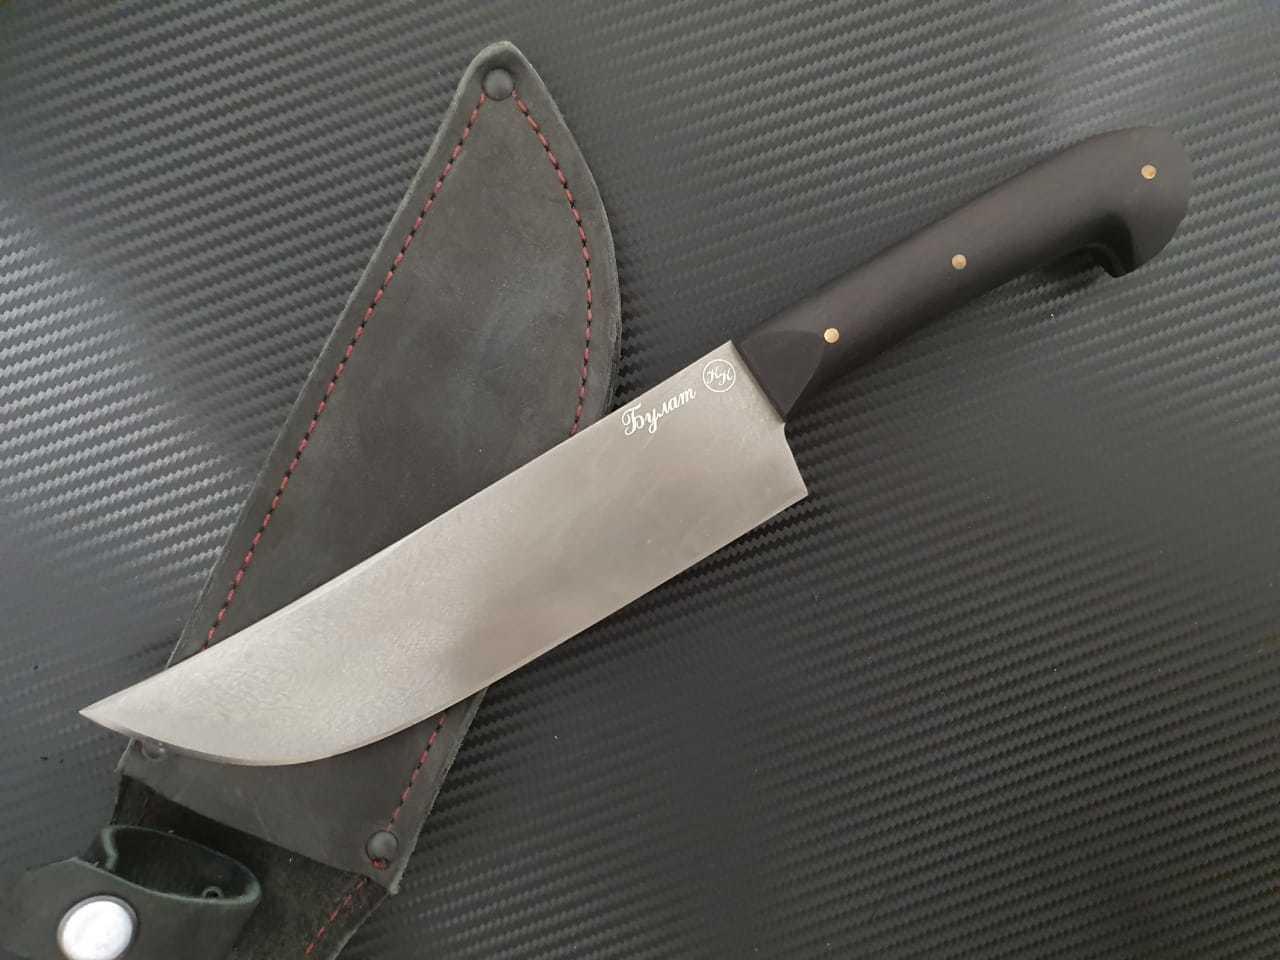 Фото 15 - Нож Пчак булат, граб от Промтехснаб